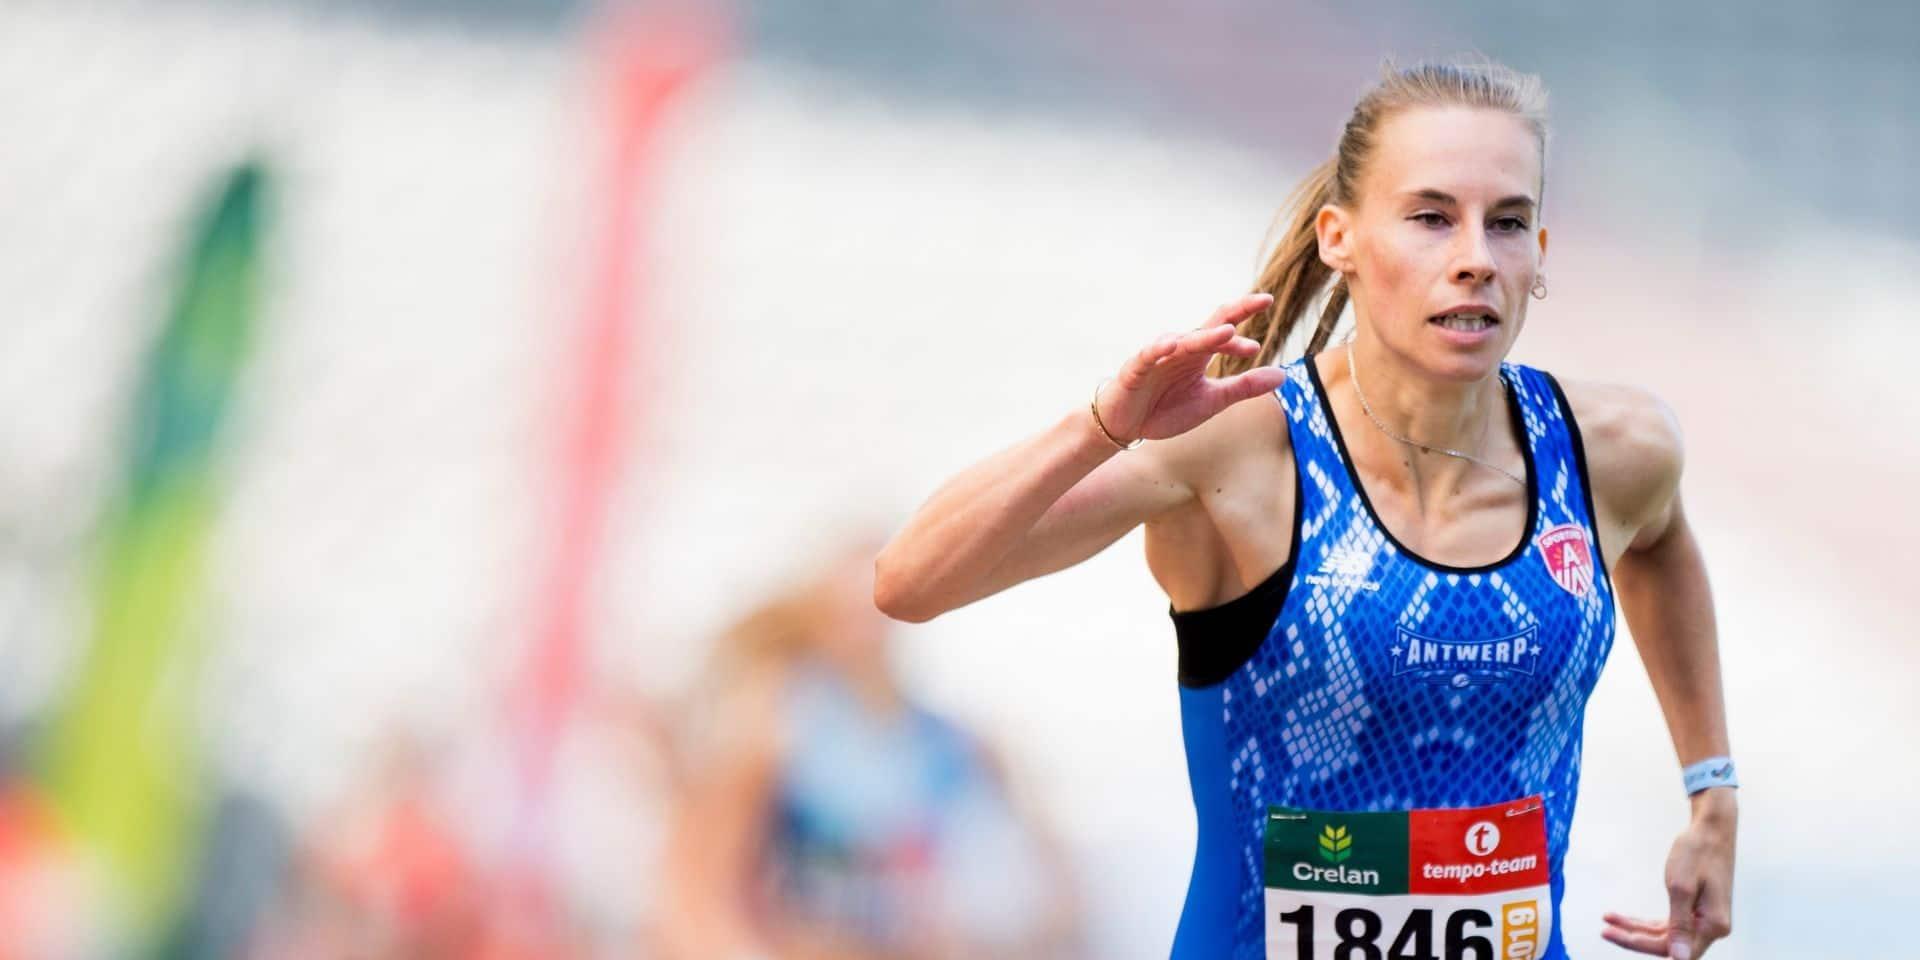 Renée Eykens, Noor Vidts et Imke Vervaet sont invitées à leur tour par l'IAAF à Doha